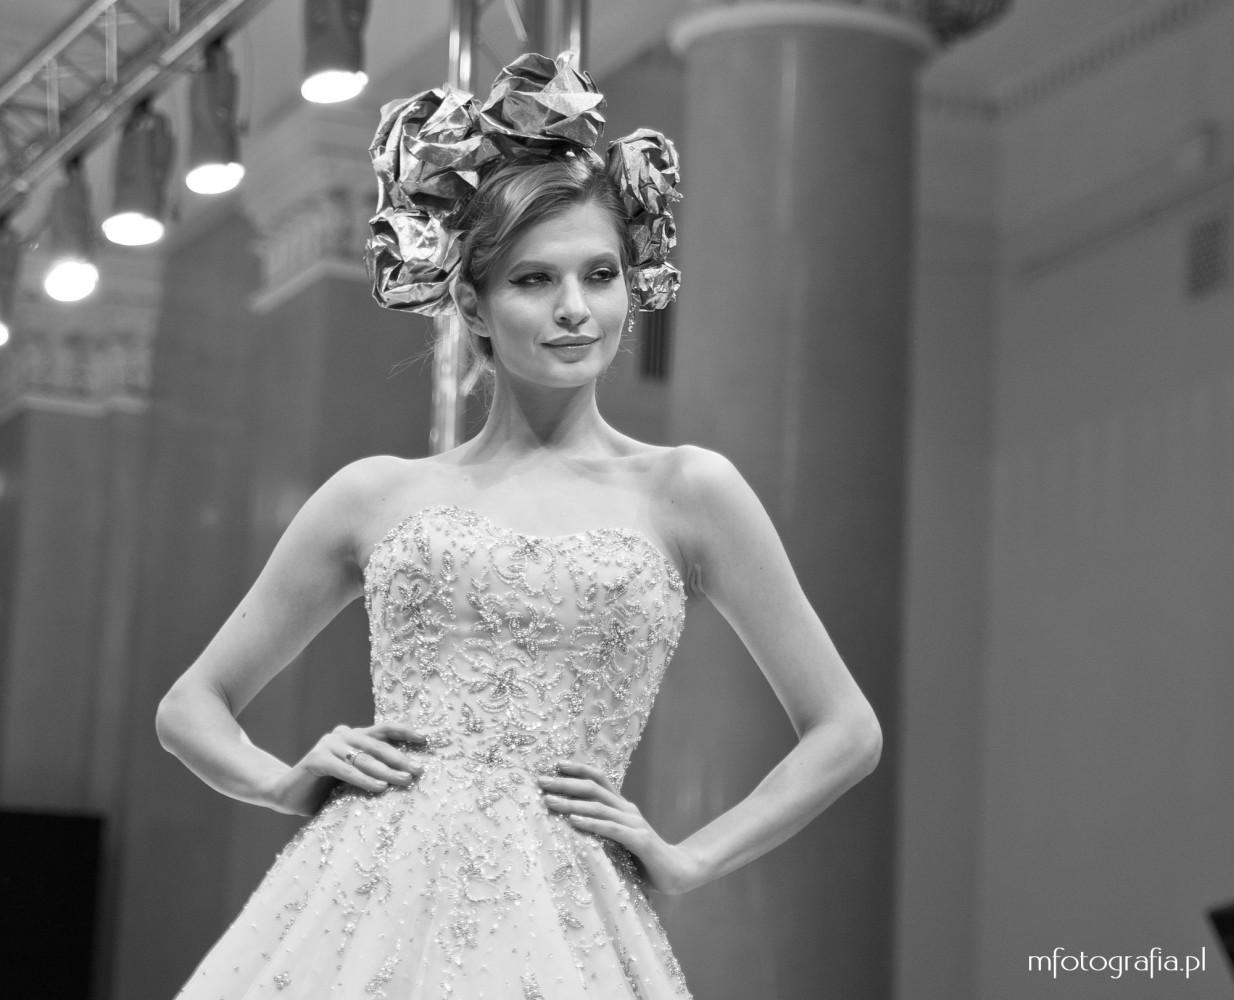 fotografia zdobionej ślubnej sukni